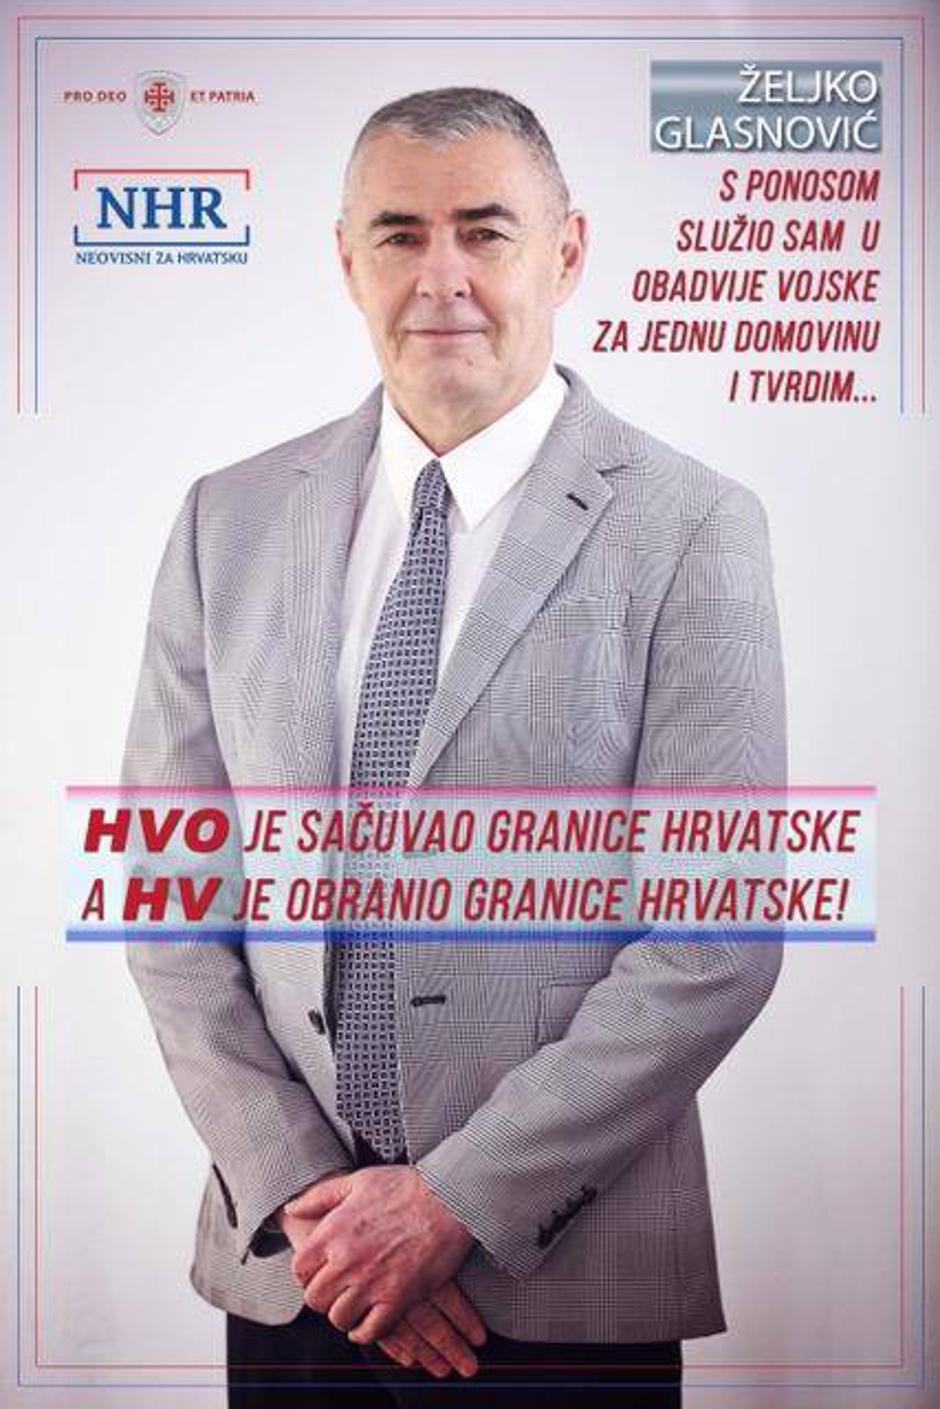 Željko Glasnović | Author: Facebook